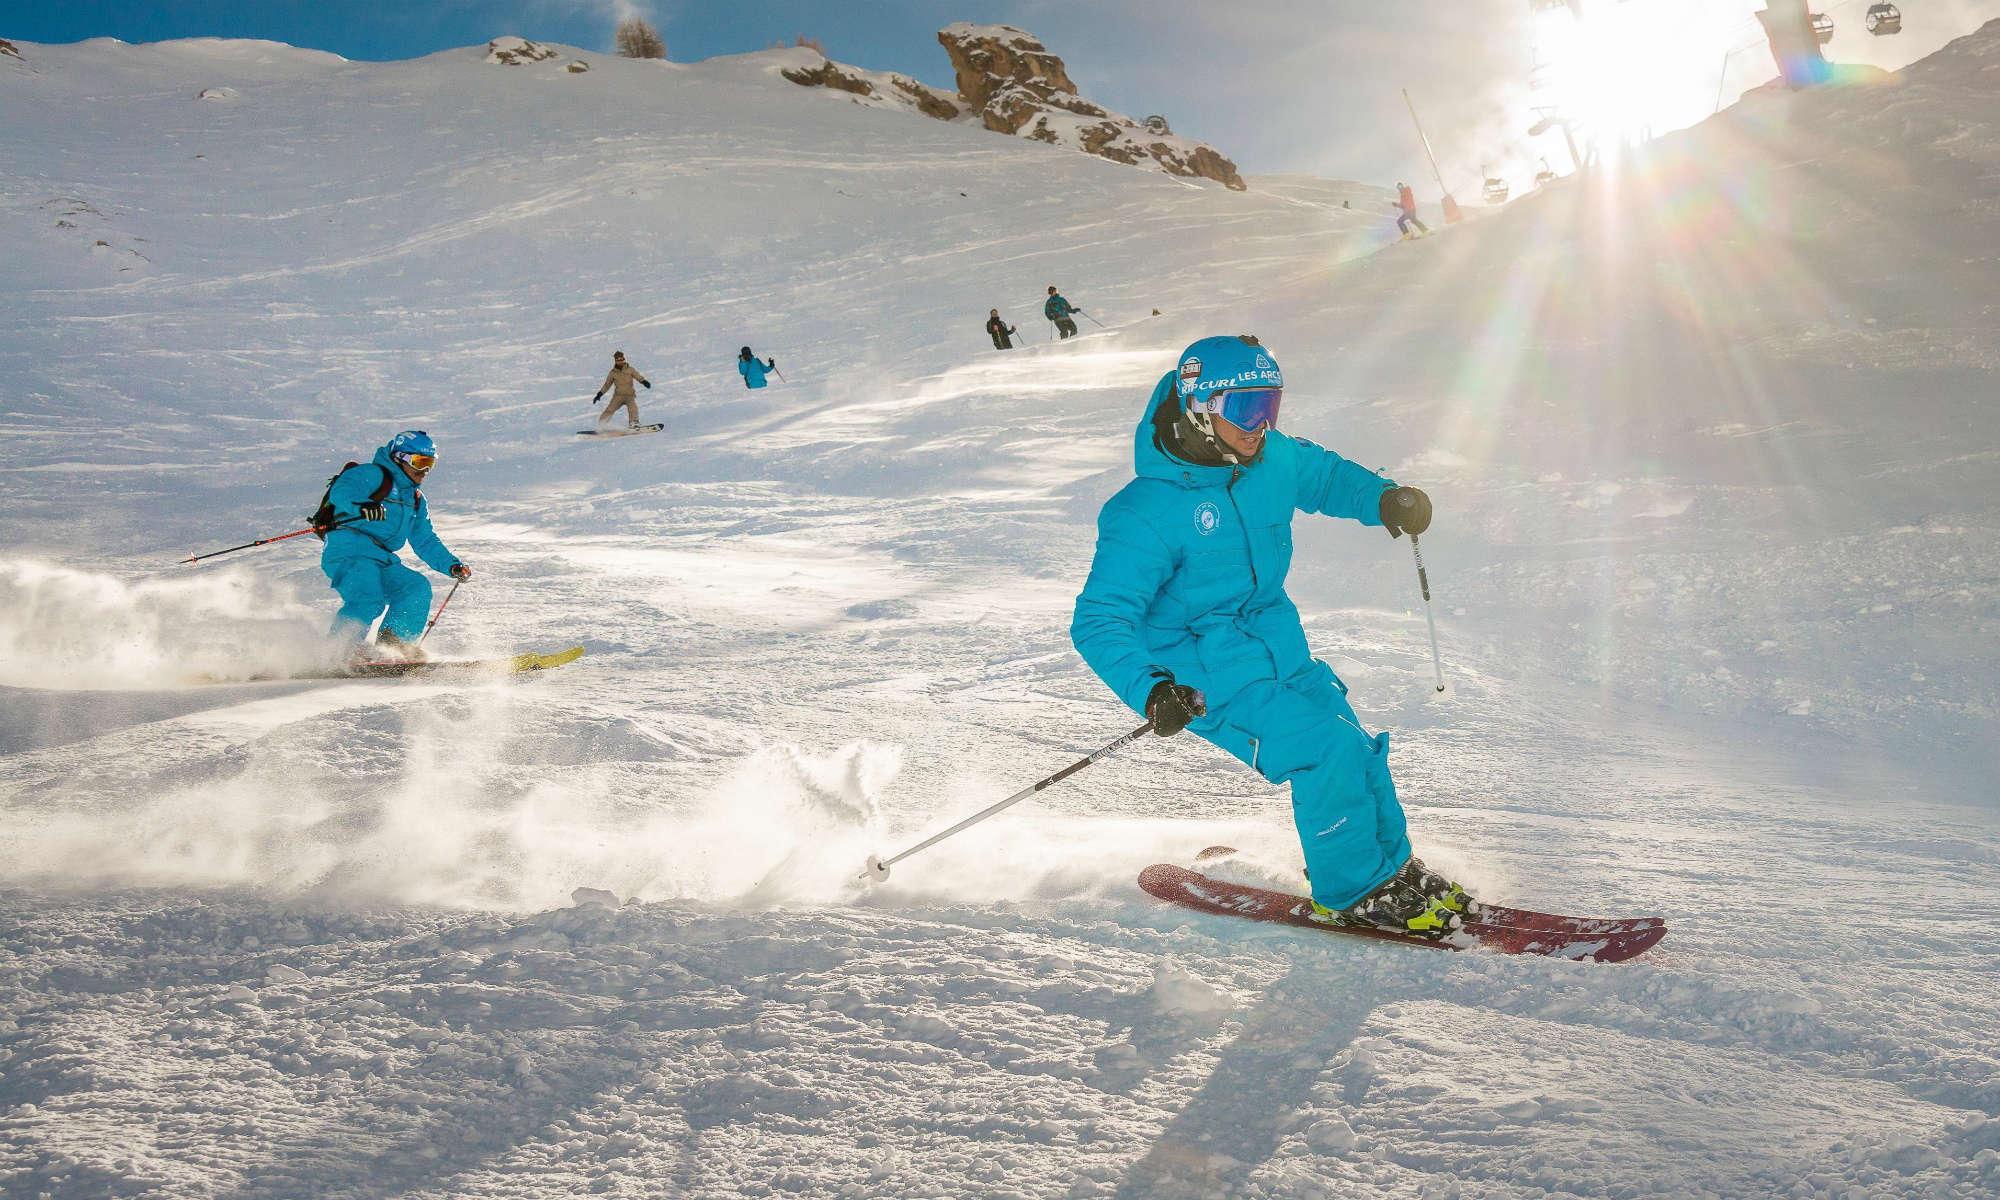 Des moniteurs de ski dans la neige poudreuse.